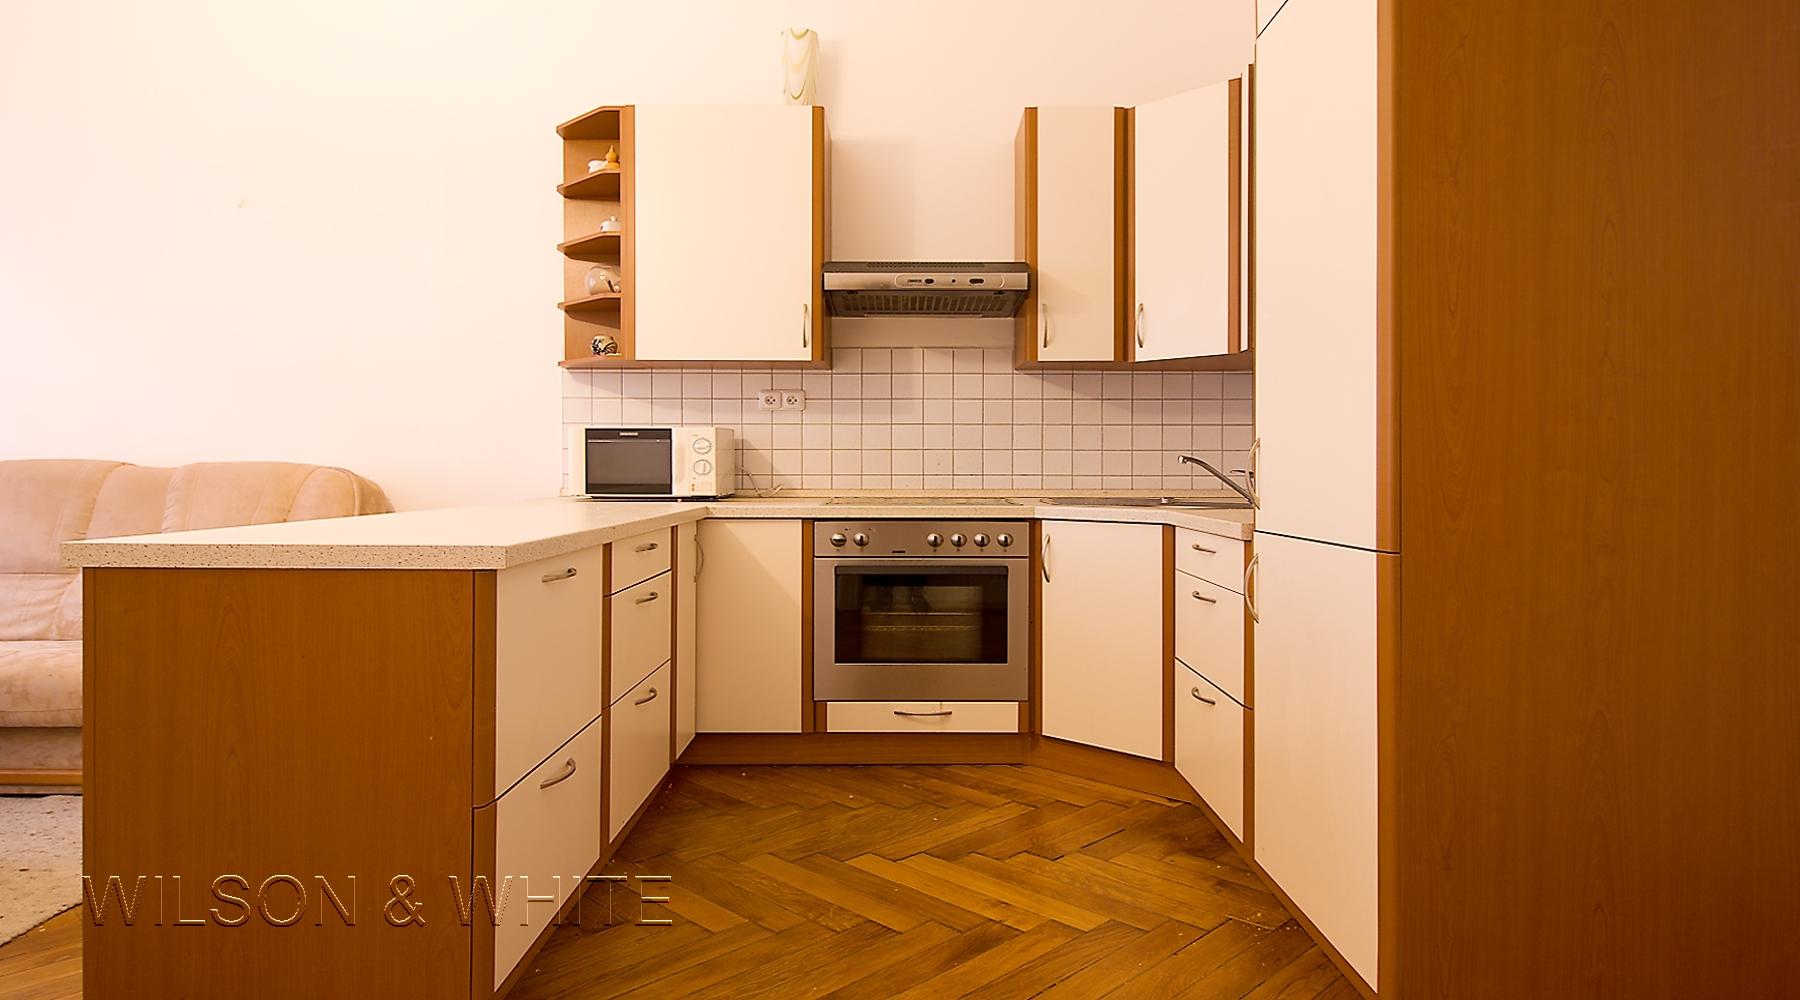 kuchynska linka 2